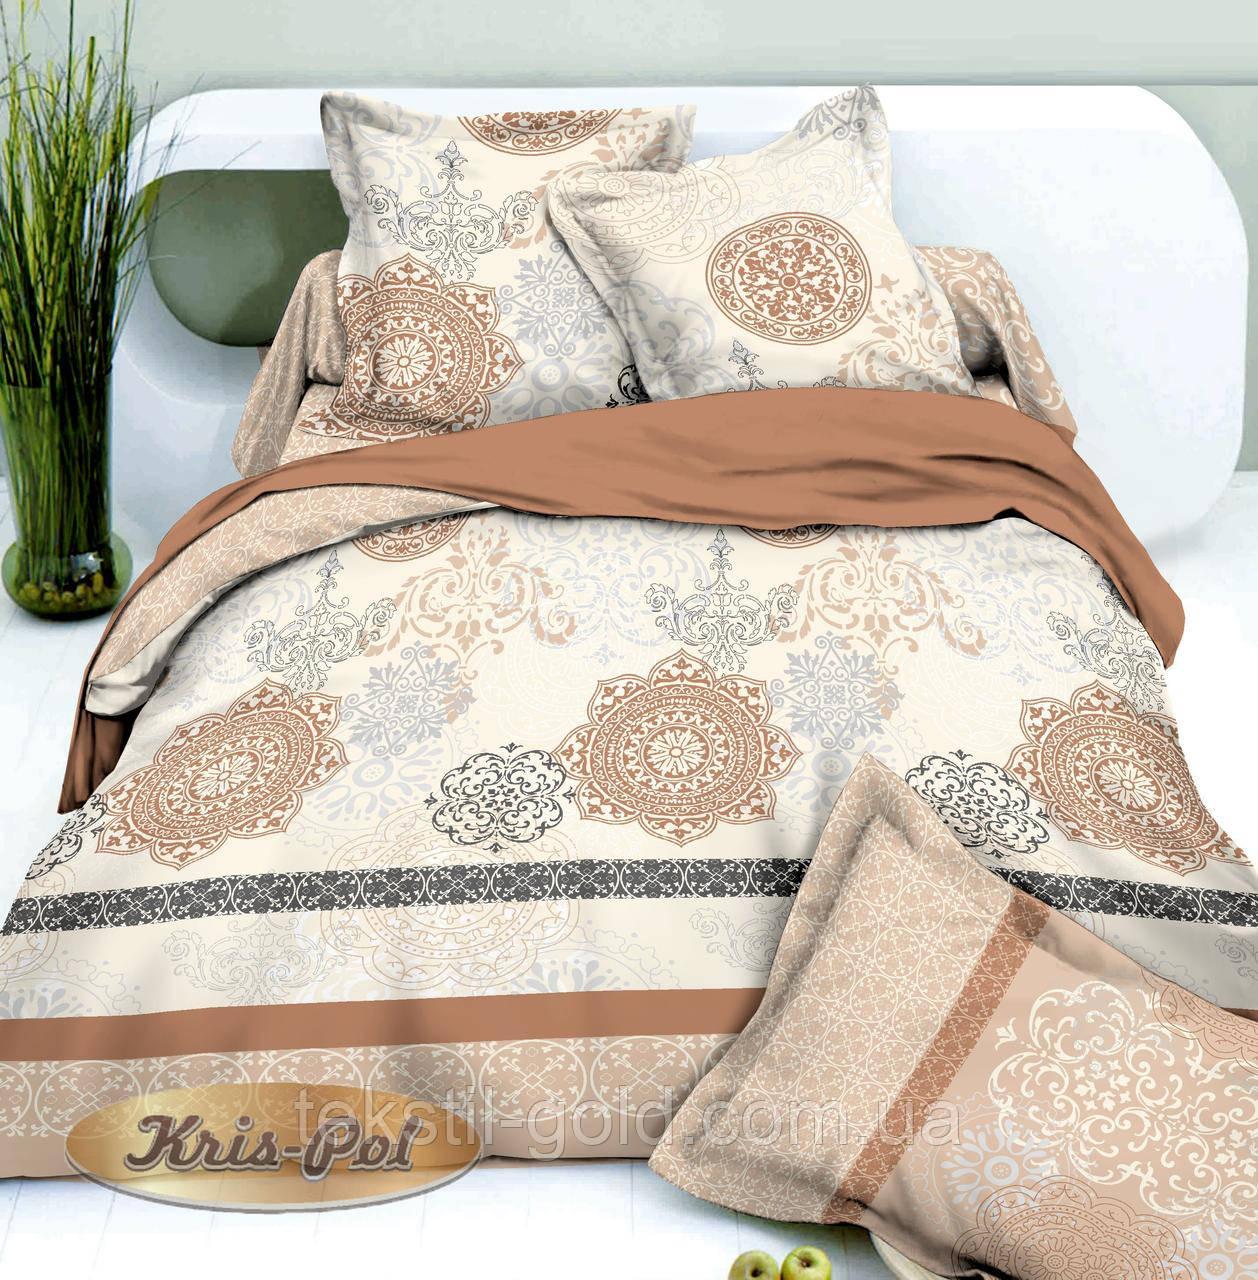 1,5-спальный комплект постельного белья ТМ Kris-pol (Украина) сатин хлопок 1690023